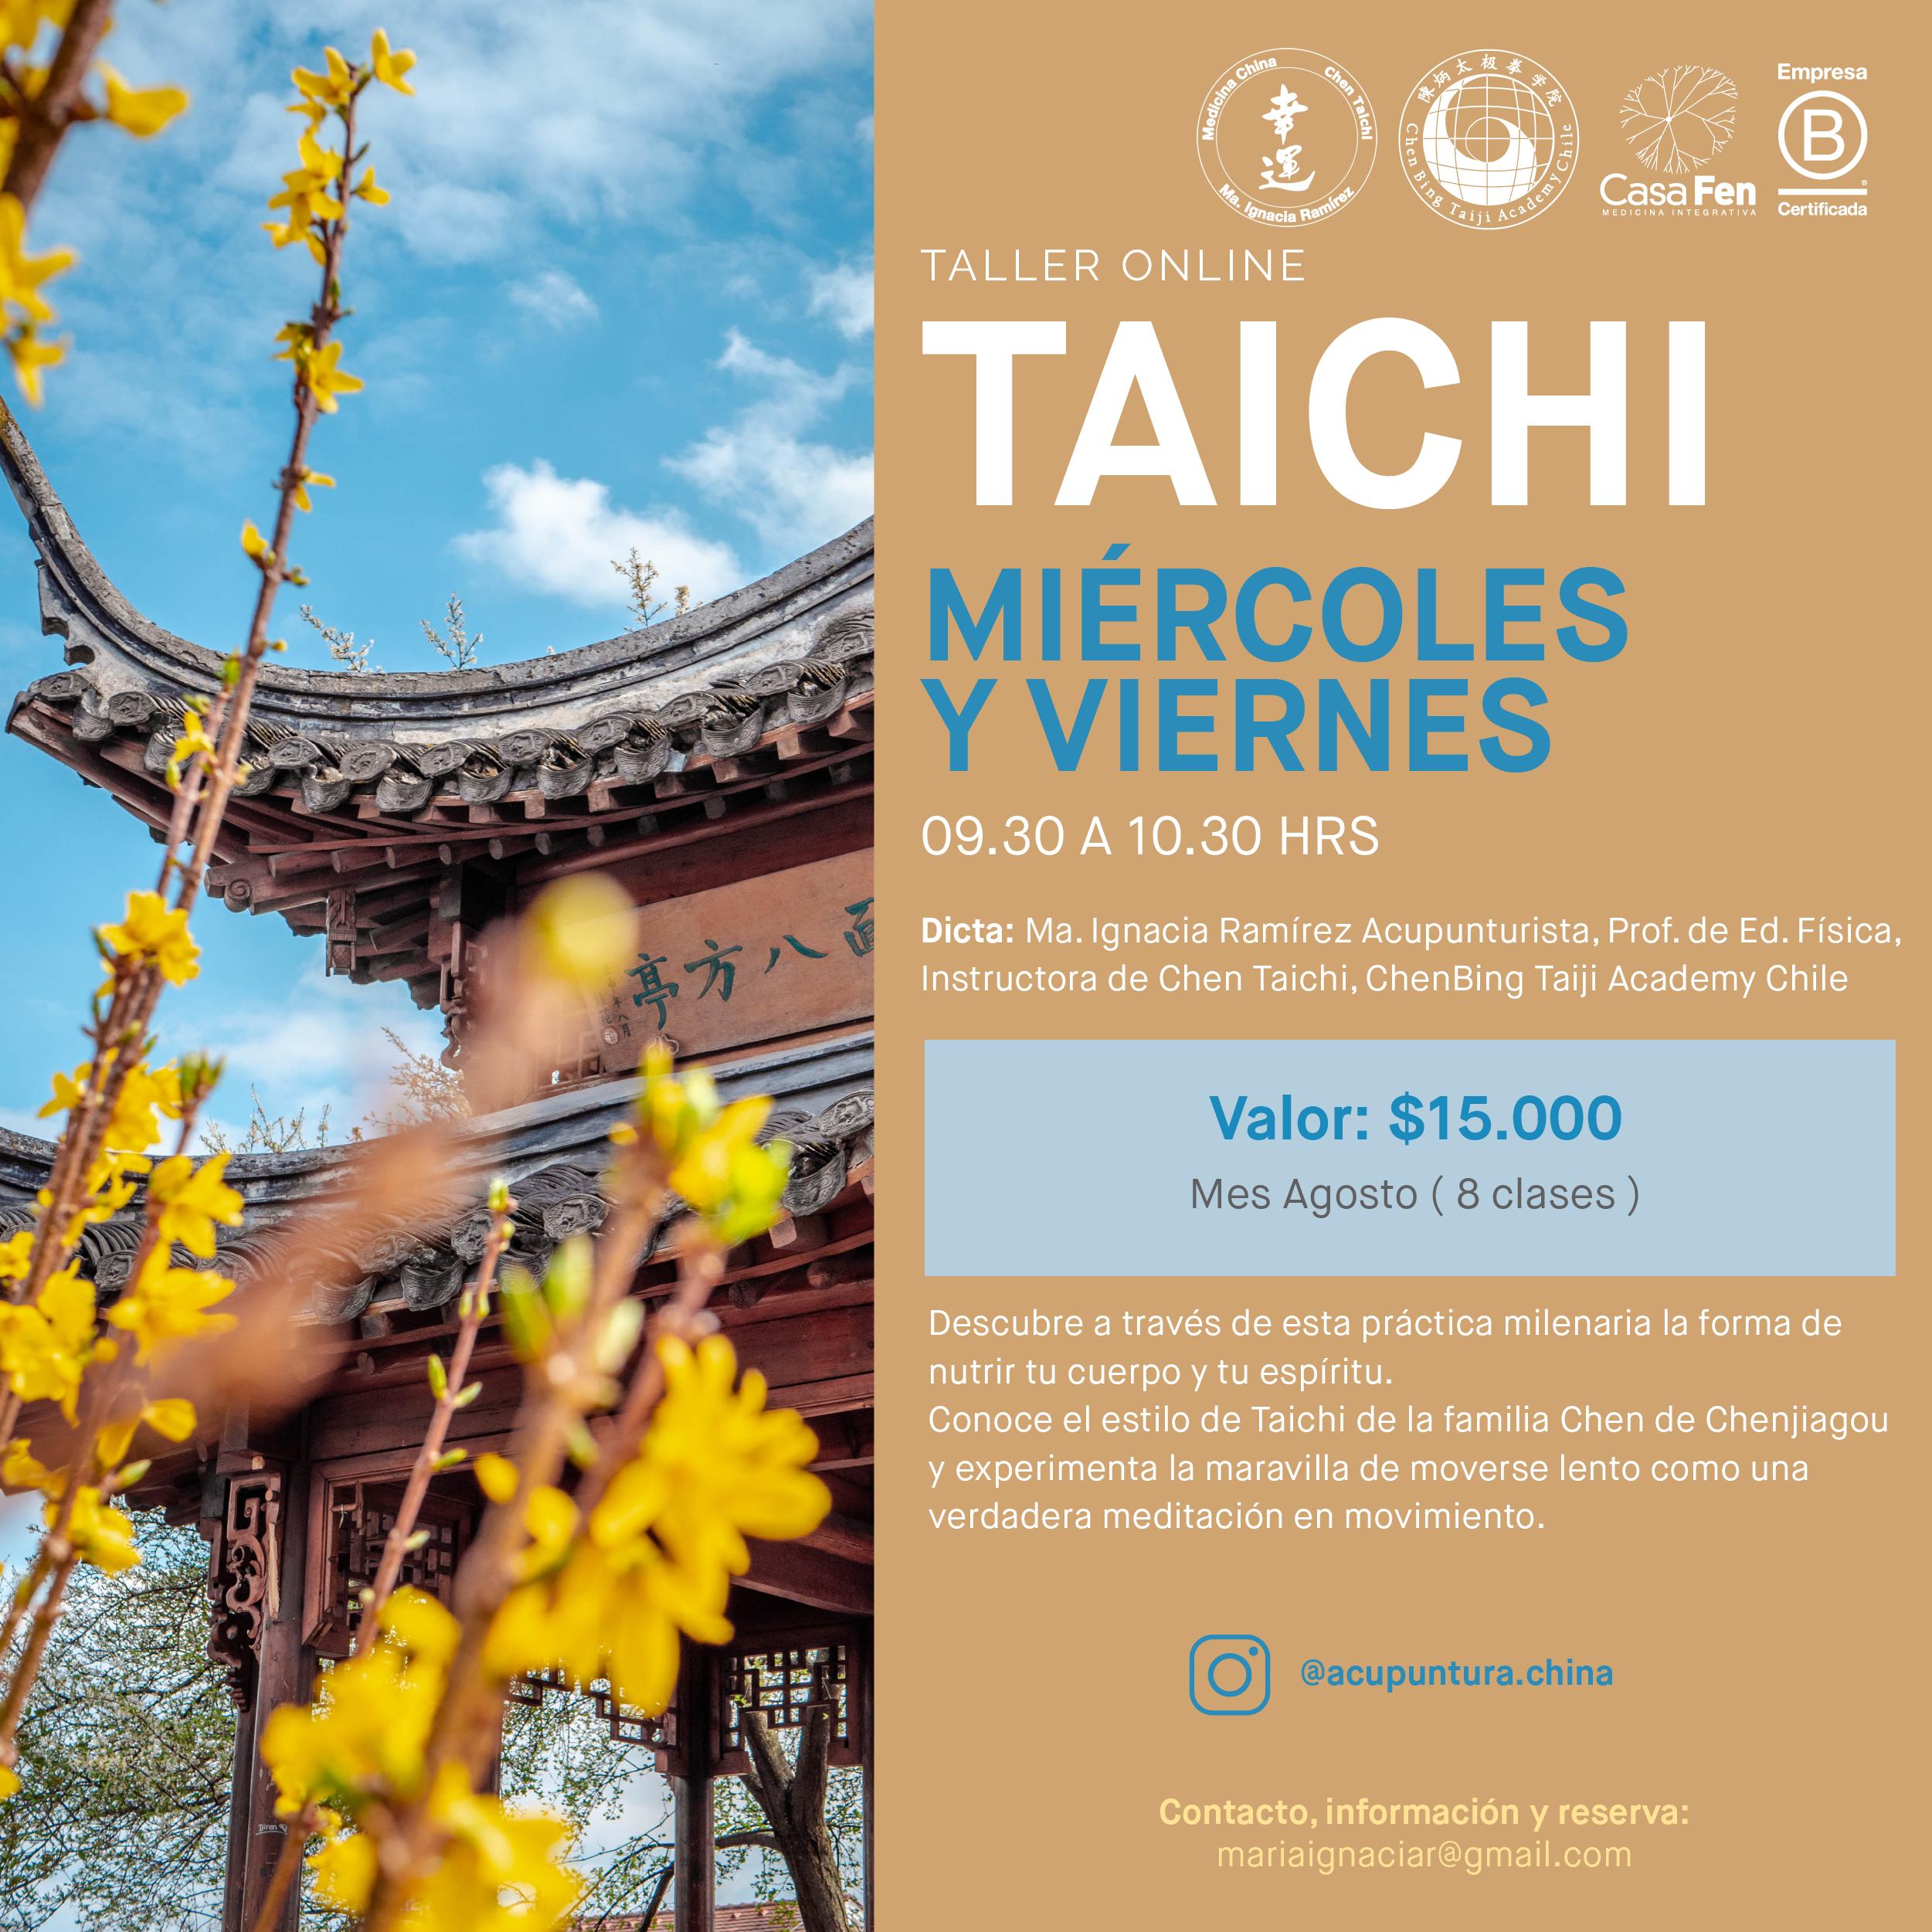 Taichi Agosto-Casafen